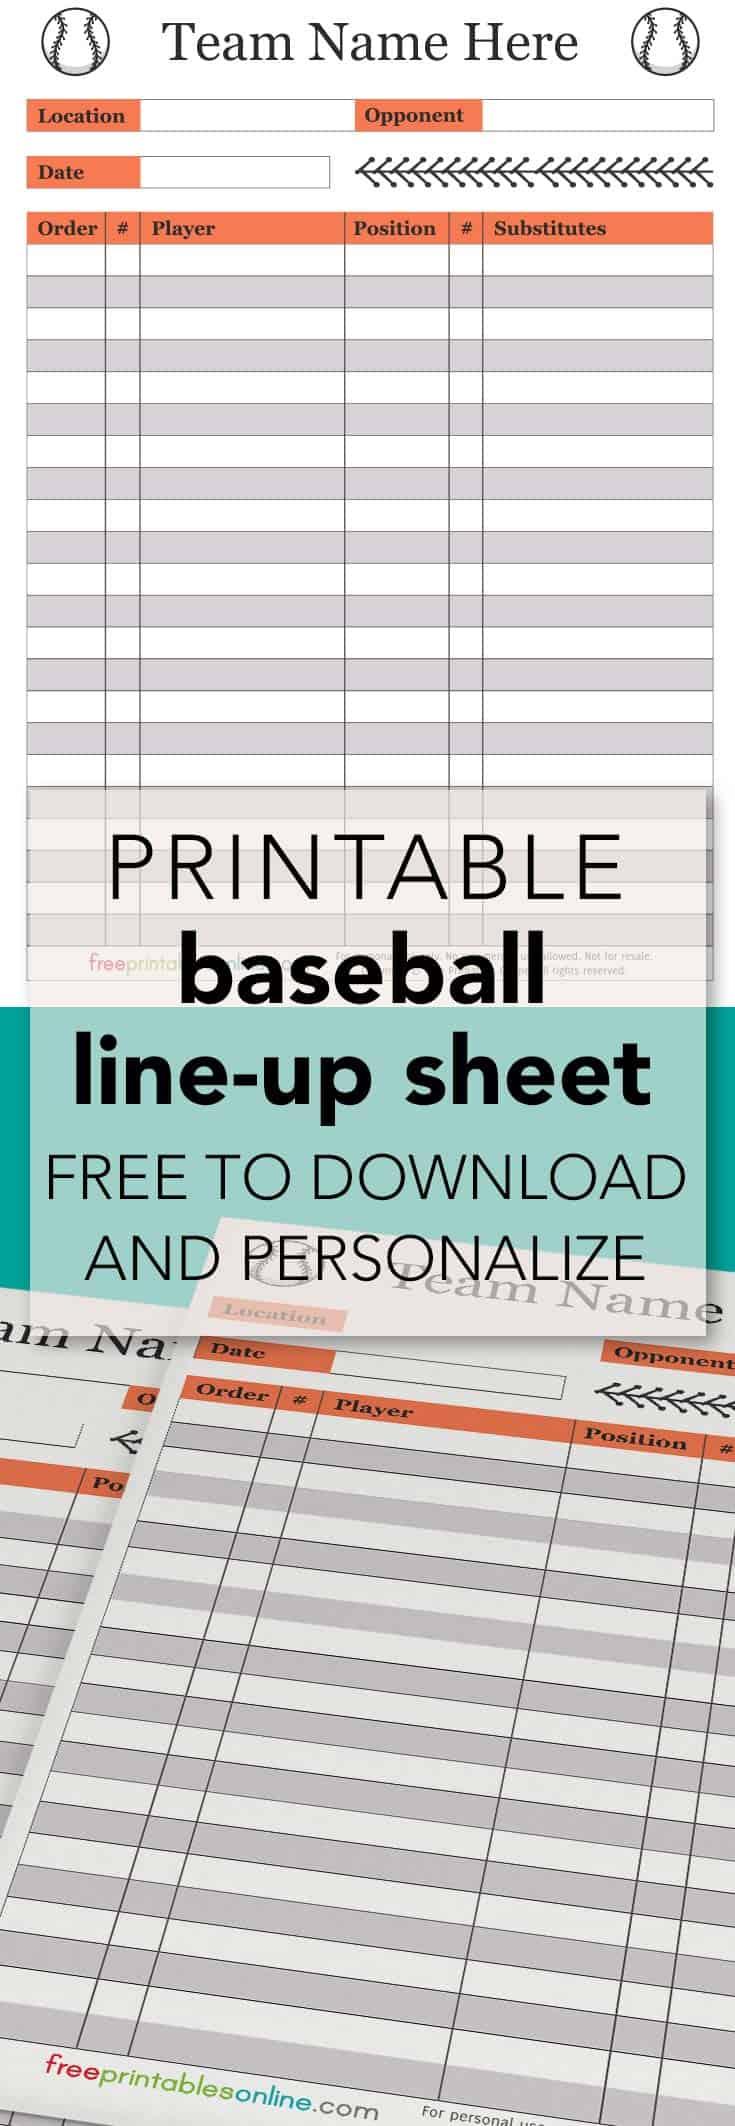 printable baseball lineup sheet